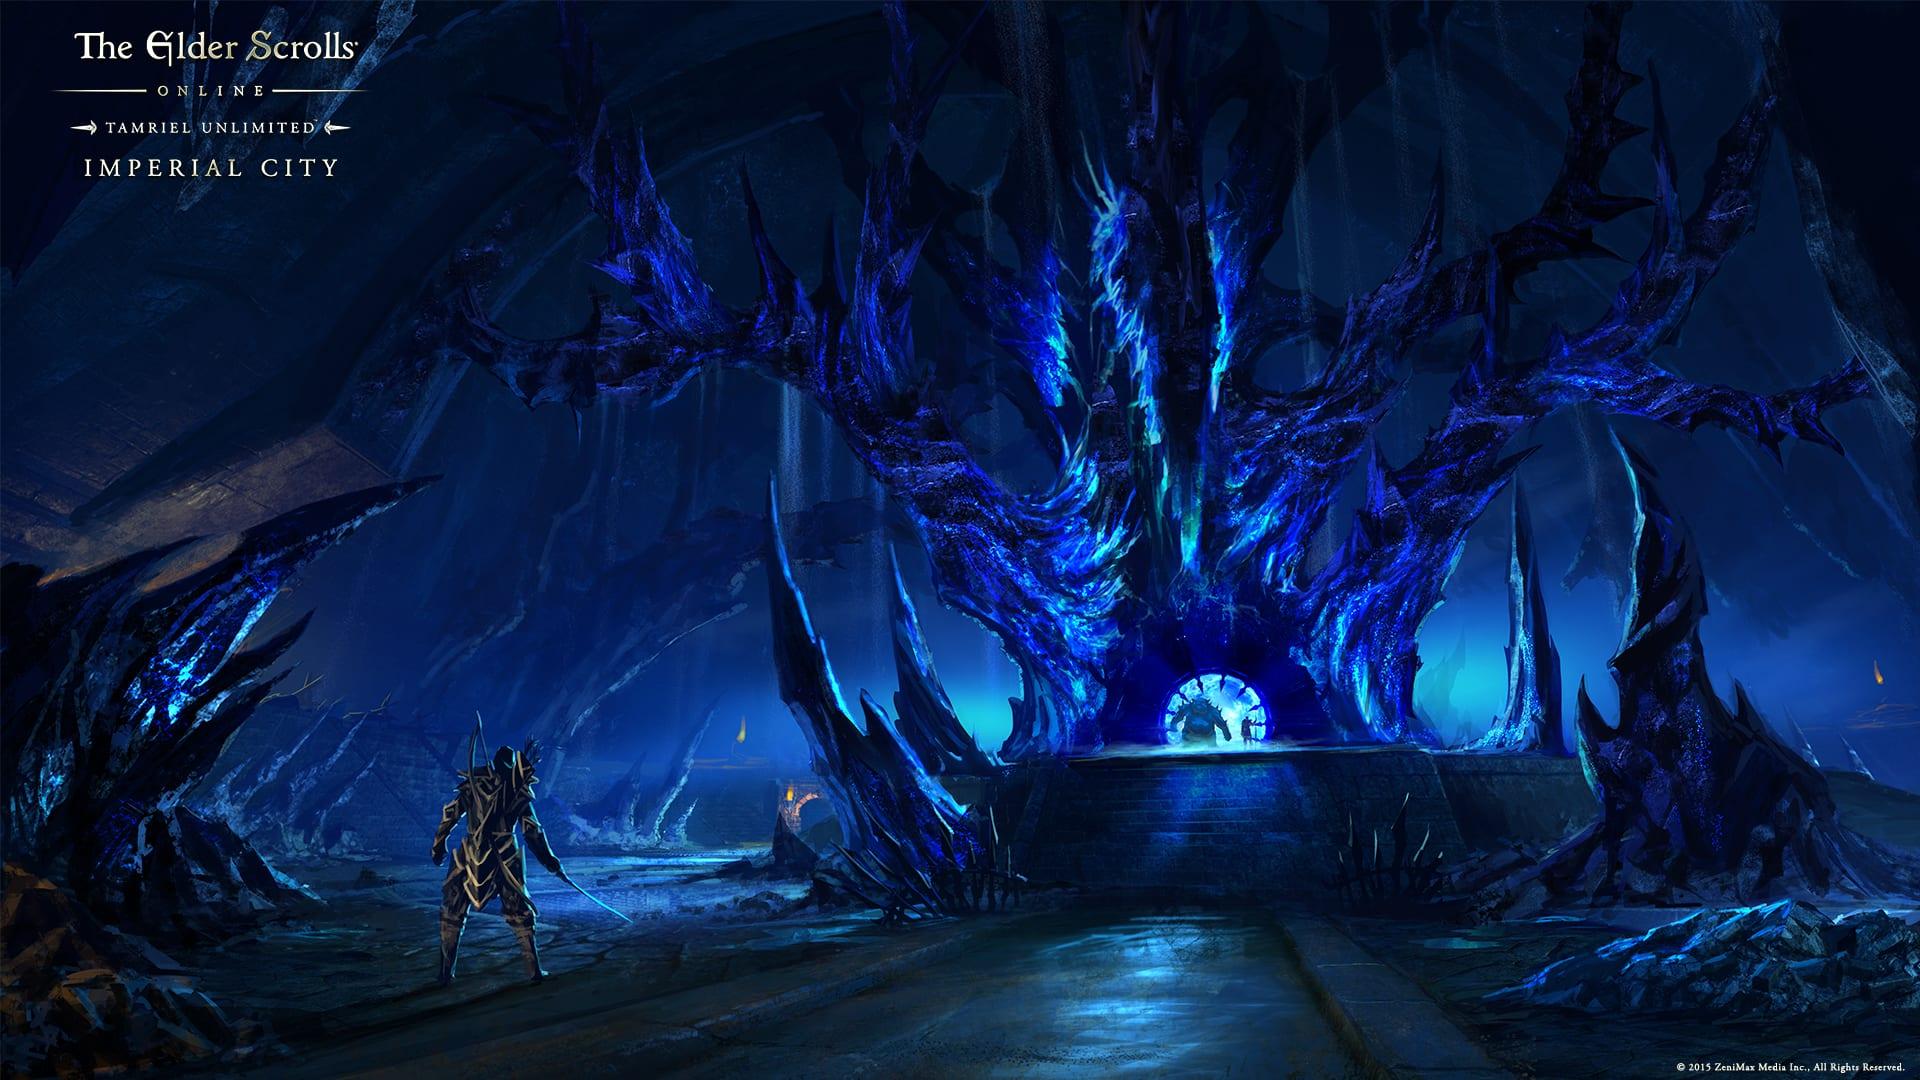 Wallpapers The Elder Scrolls Online